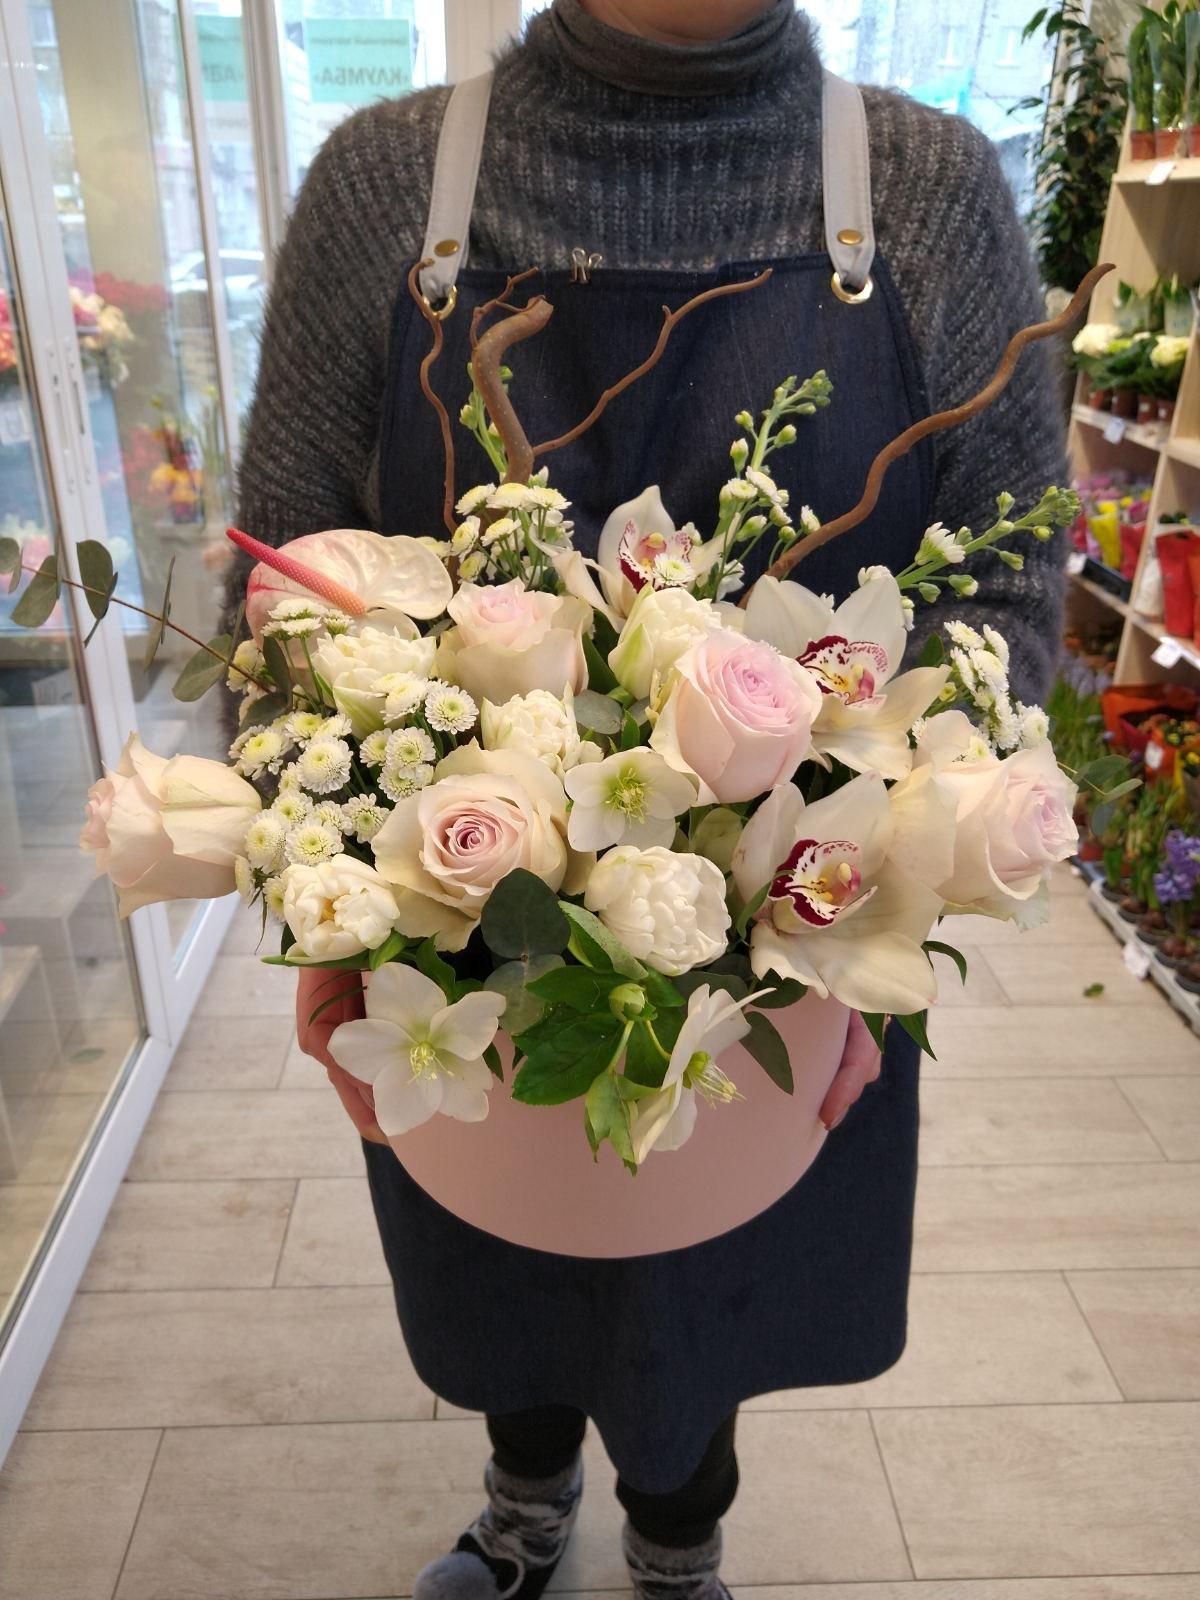 Подборка подарков на 8 марта от сайта 06153.сom.ua, фото-160